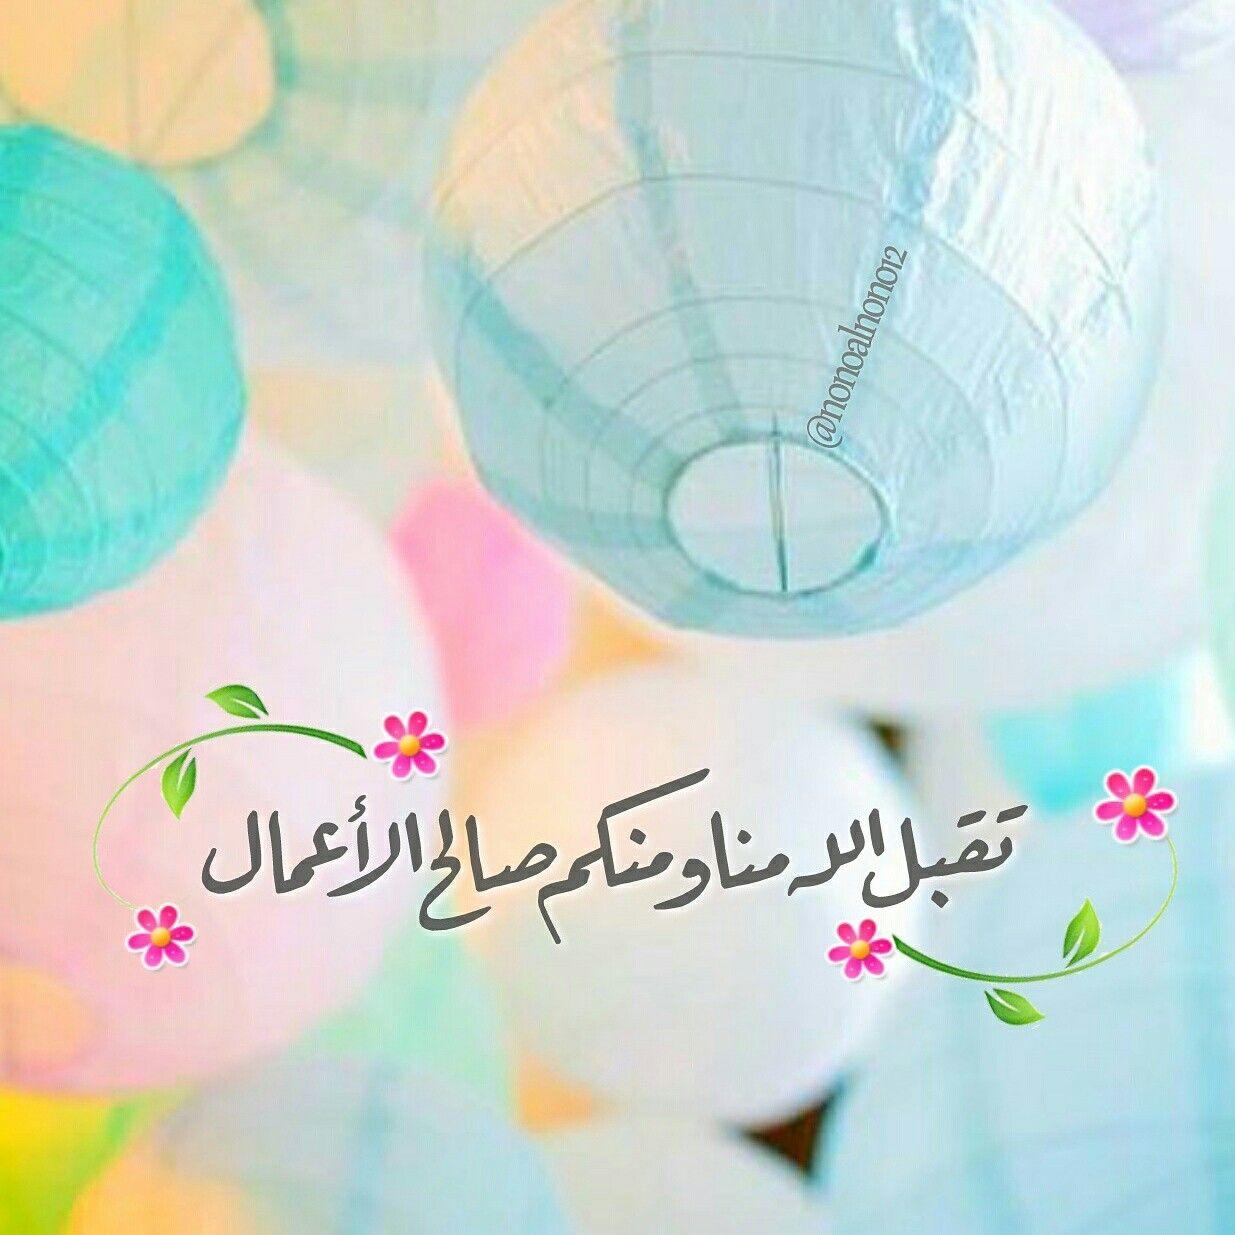 تقبل الله منا ومنكم صالح الأعمال Eid Mubarak Greetings Happy Eid Eid Mubarik